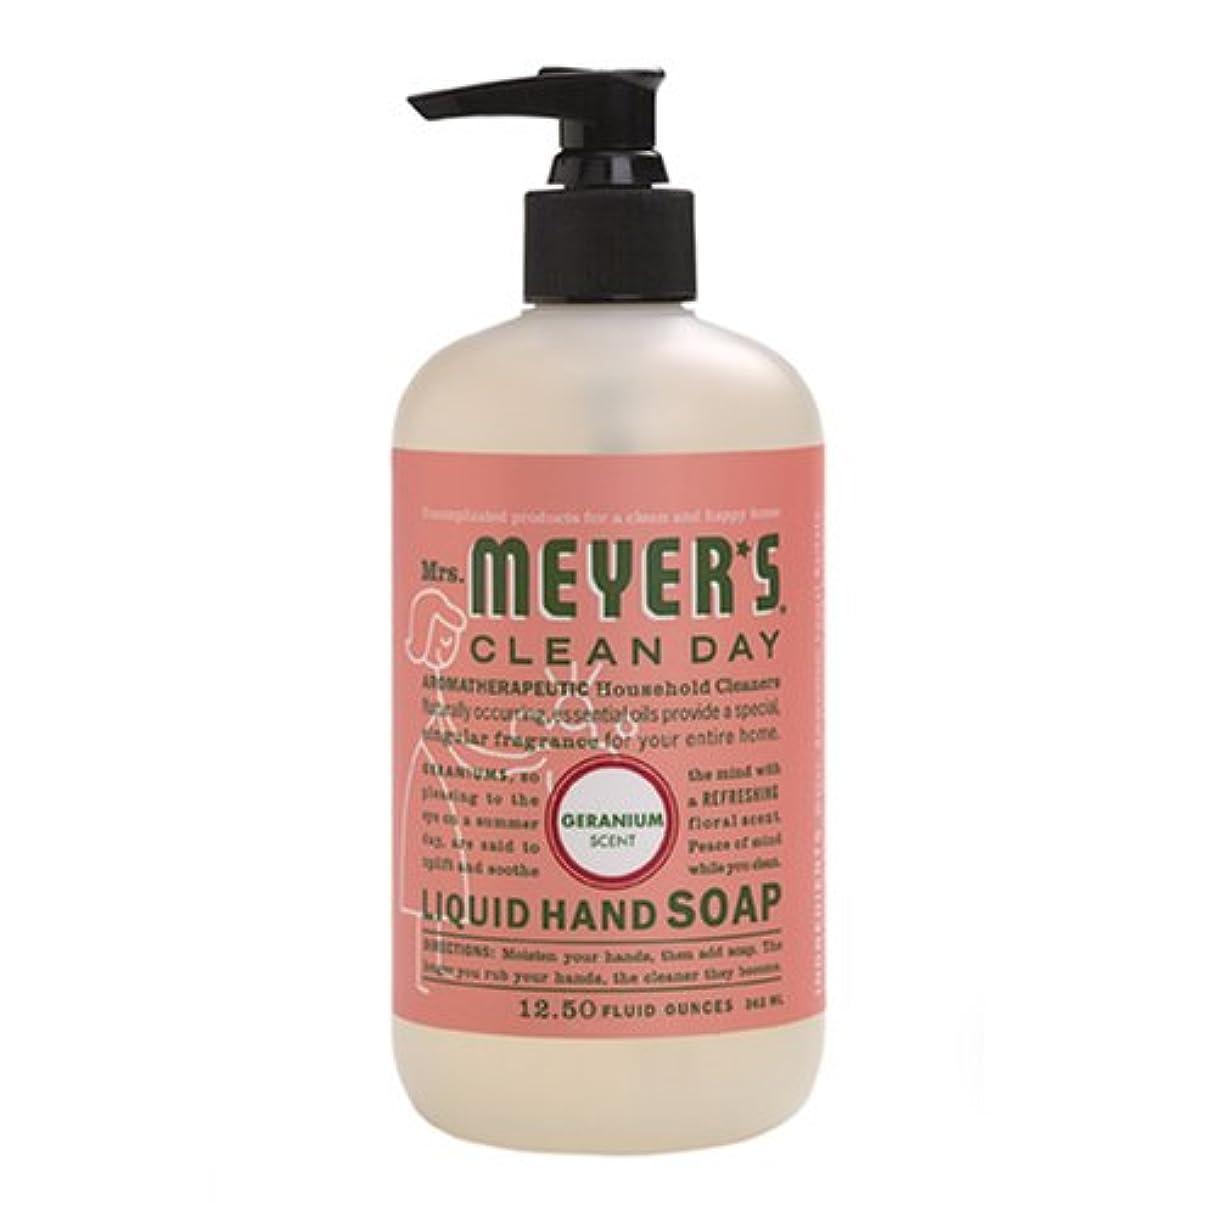 アフリカ人ゲストで出来ているMrs. Meyers Clean Day, Liquid Hand Soap, Geranium Scent, 12.5 fl oz (370 ml)